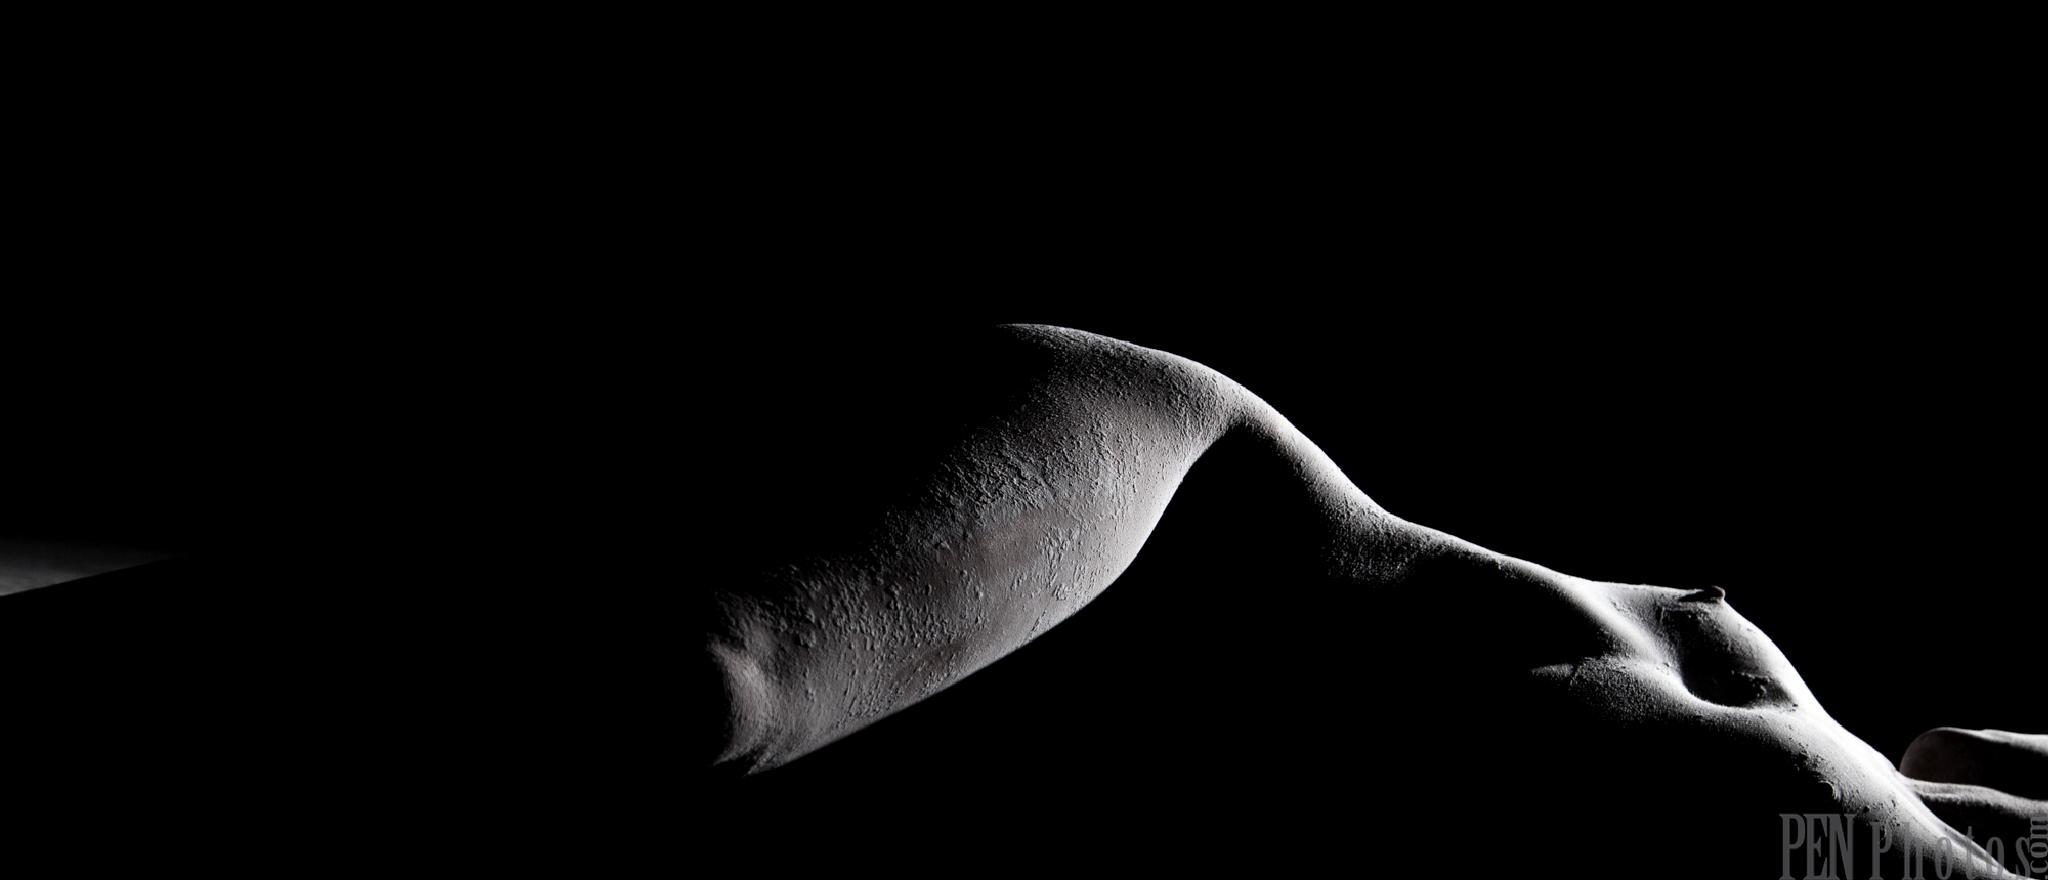 Body by Penphotos